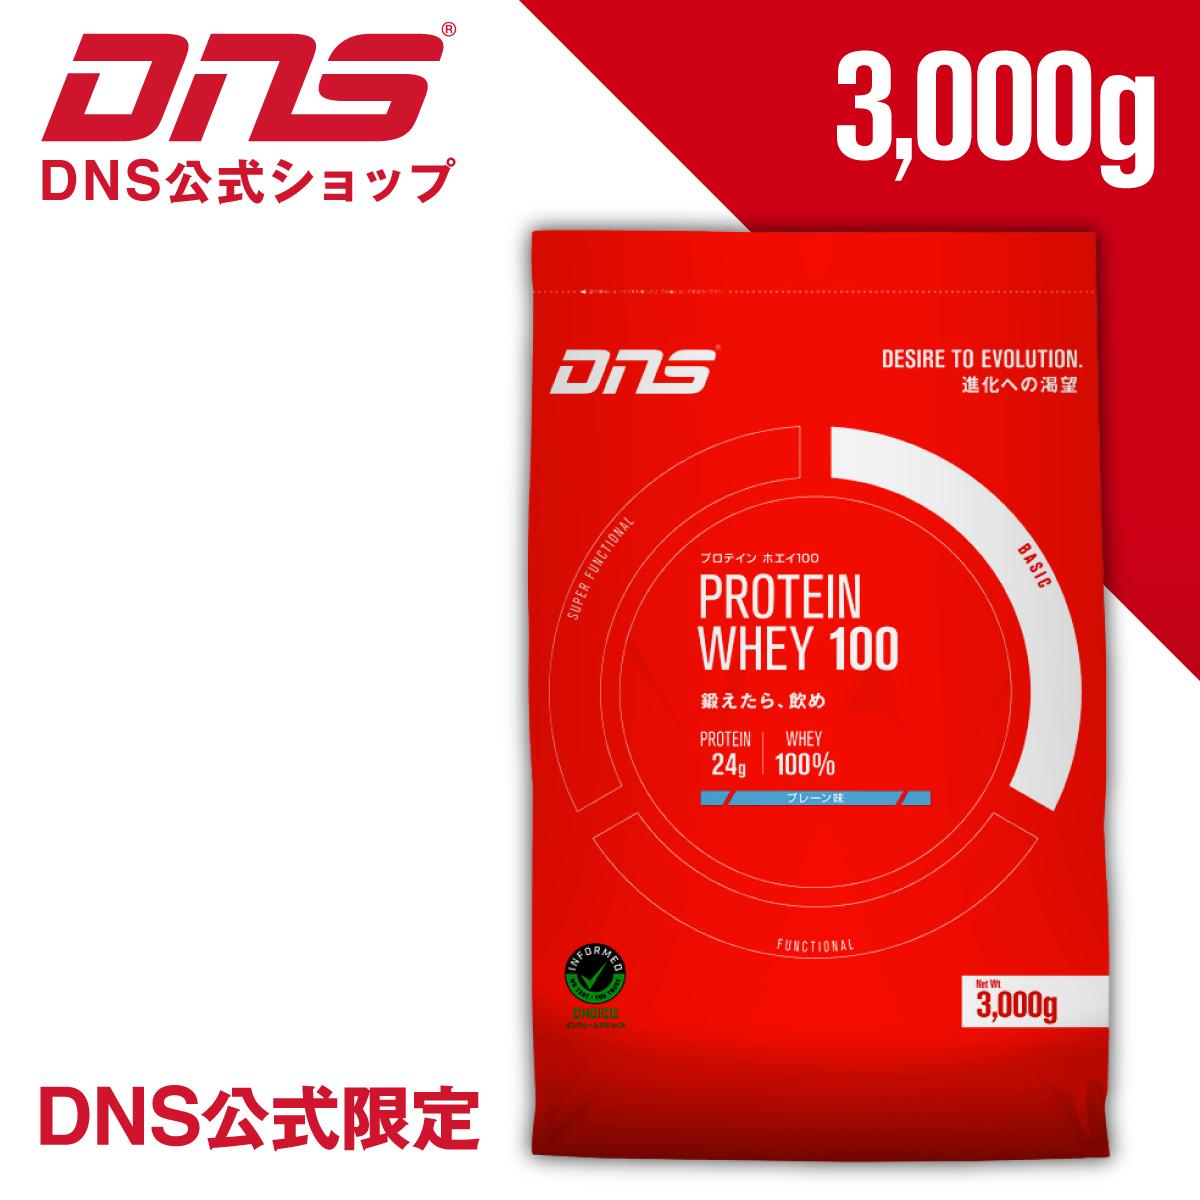 公式限定 DNS プロテイン3 000gプロテインホエイ100 プレーン 3kg 送料無料 サプリメント ディーエヌエス プロテイン ダイエット 正規販売店 トレーニング